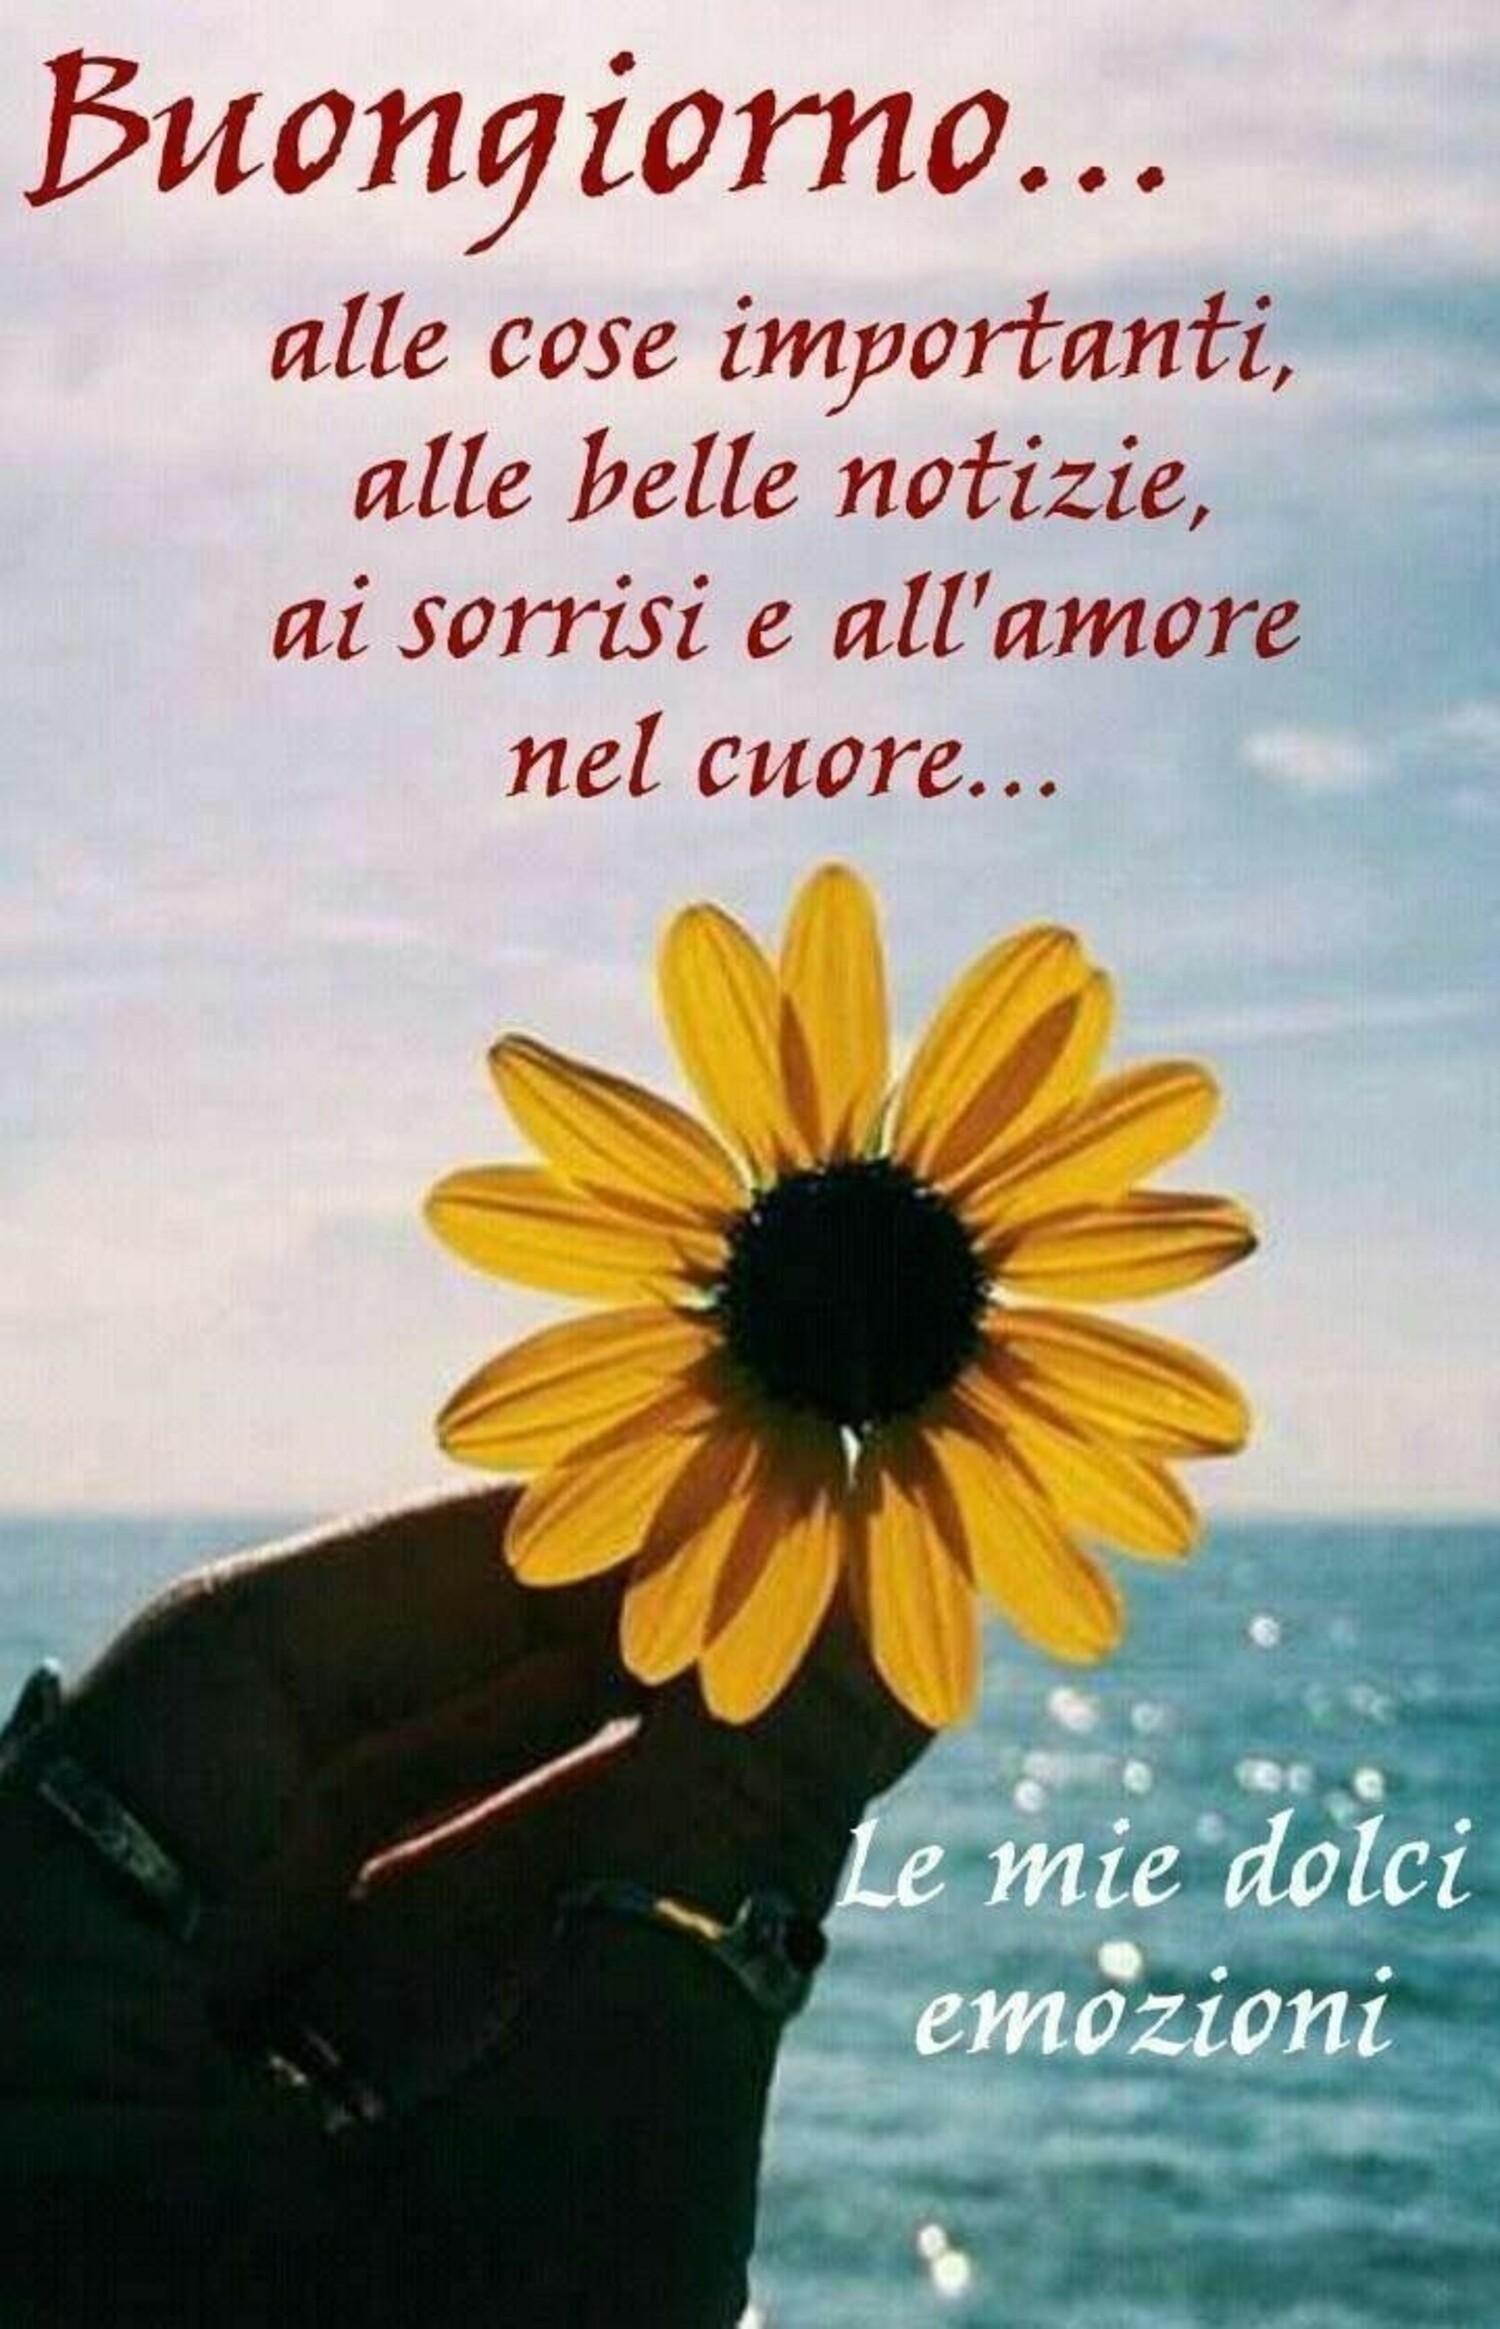 Buongiorno... alle cose importanti, alle belle notizie, ai sorrisi e all'amore nel Cuore...